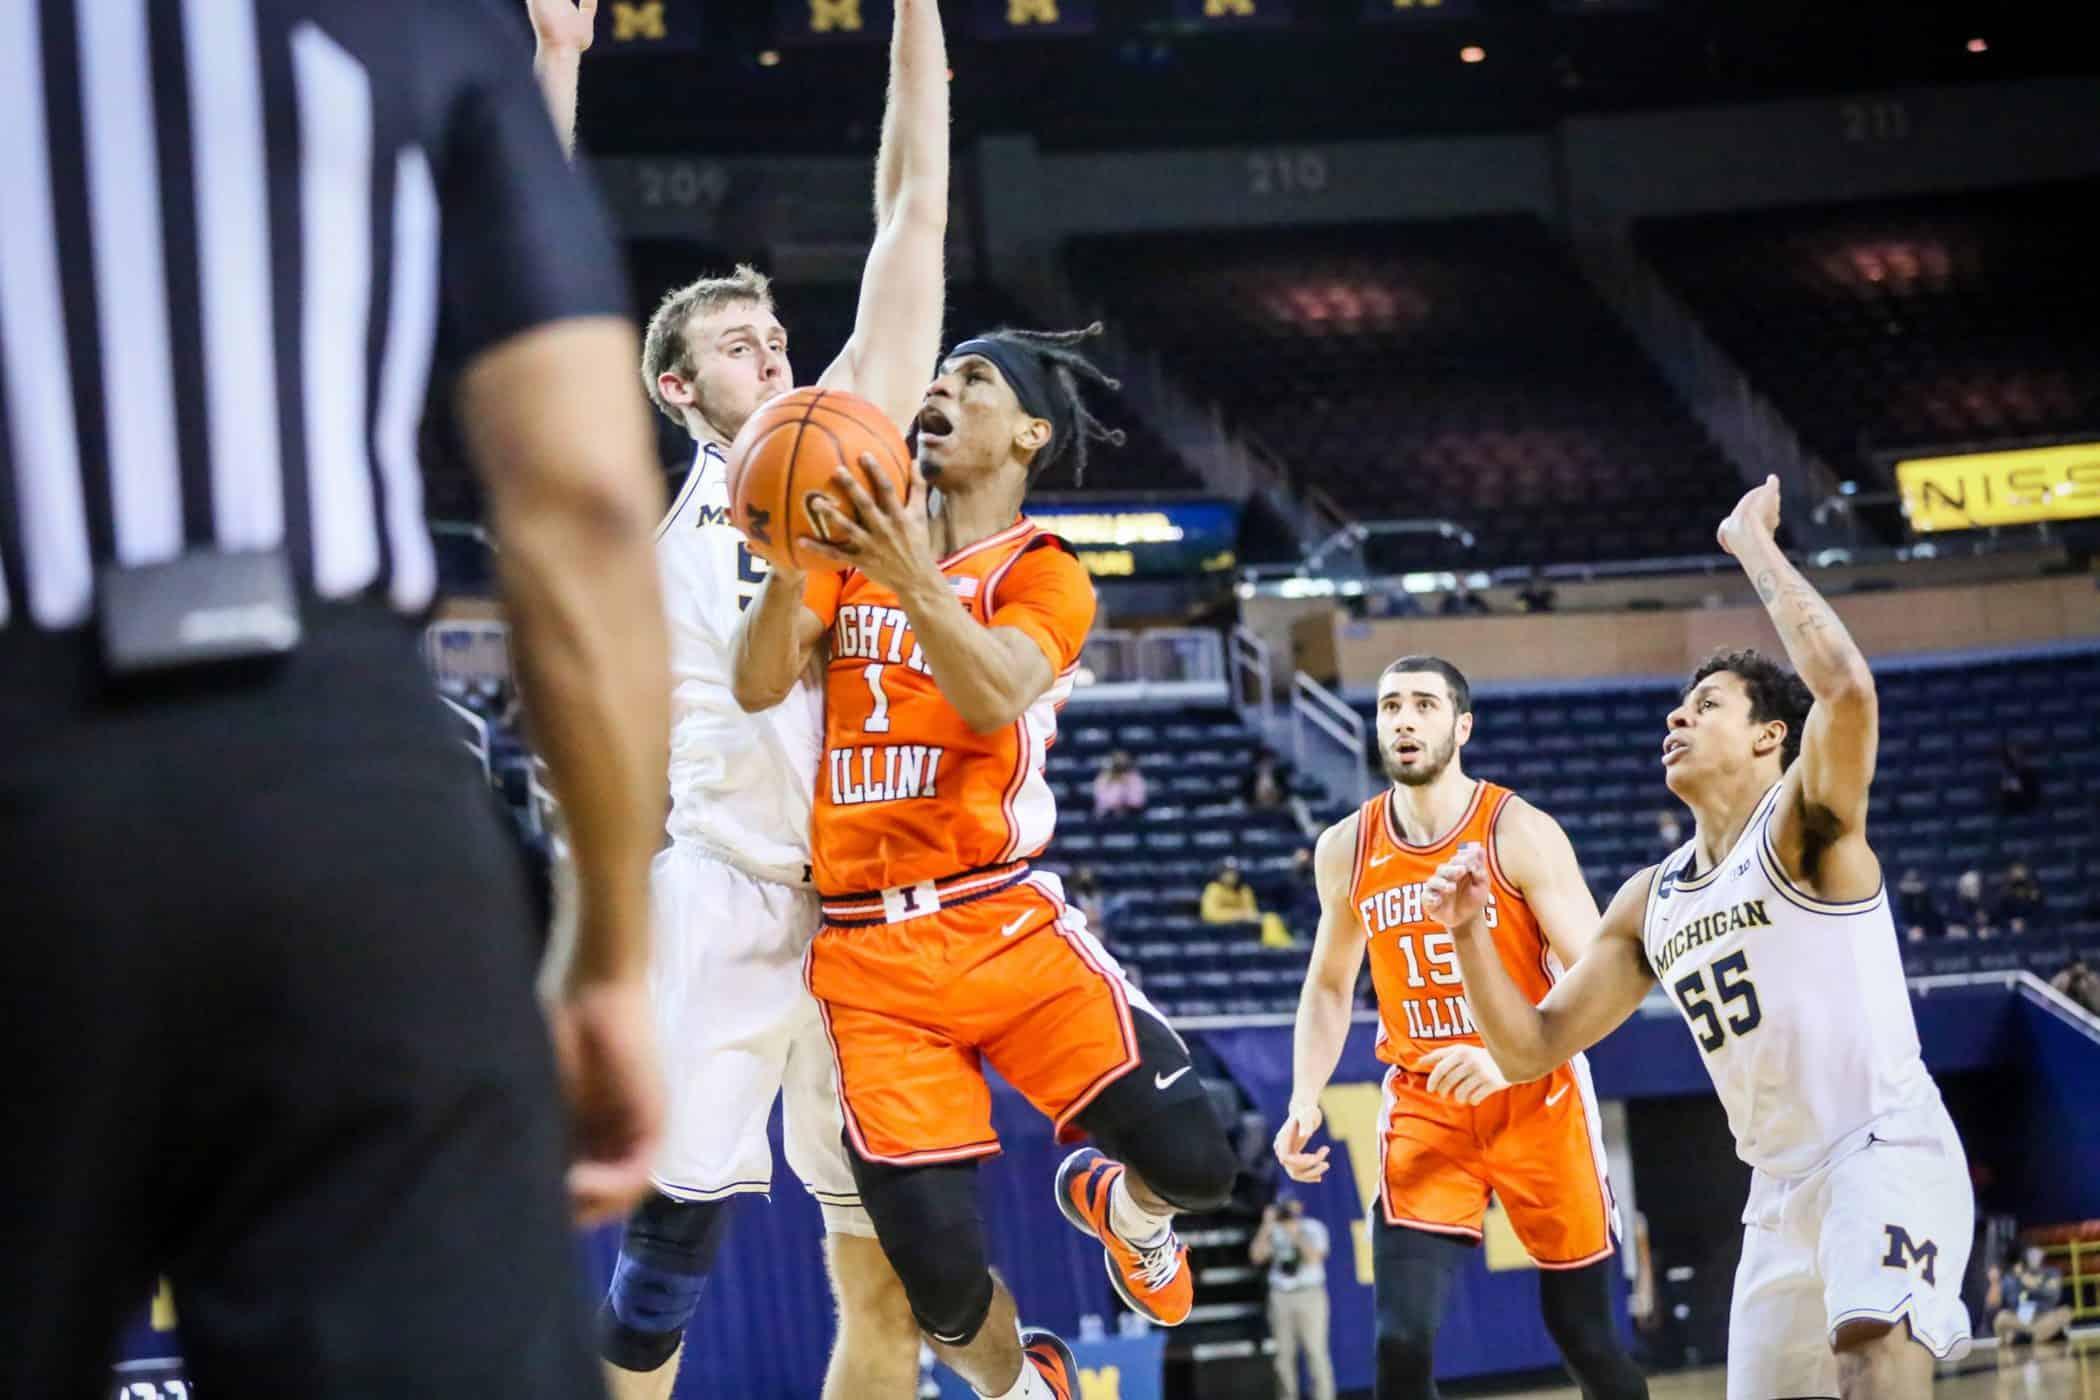 Basketballncaa - Illinois